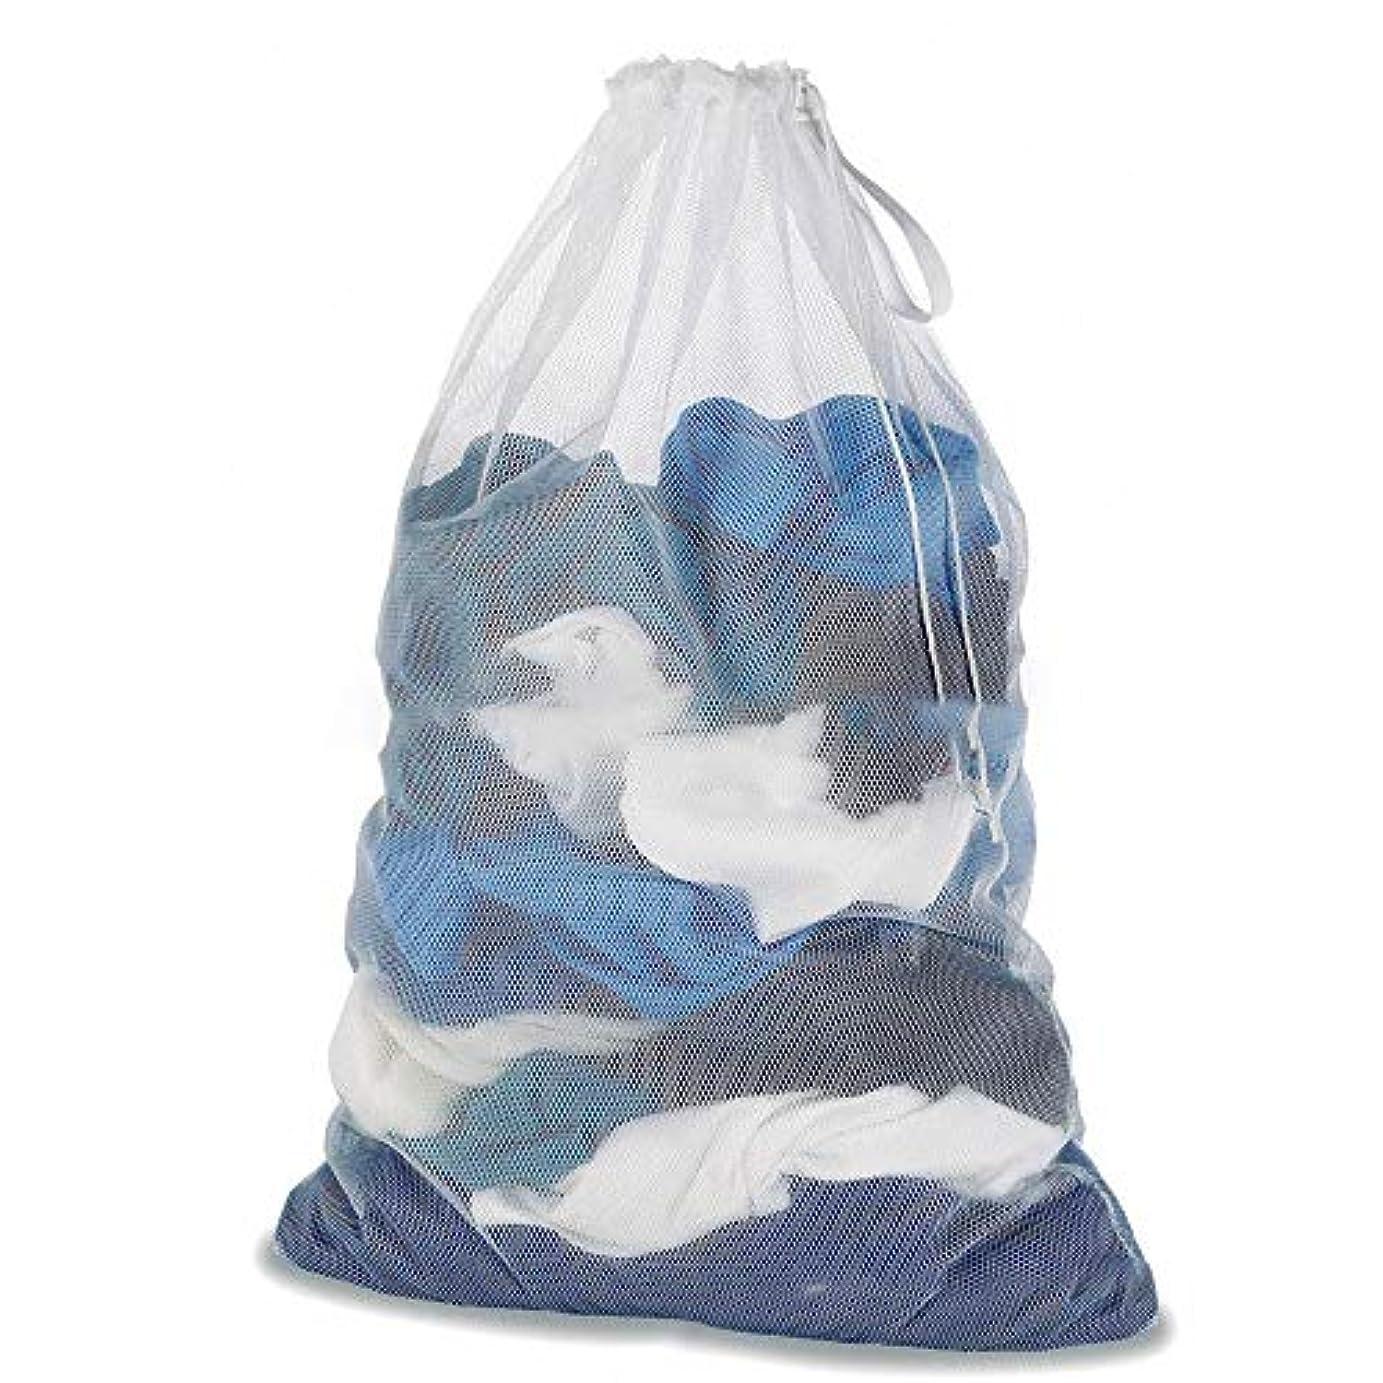 ネーピア学習大赤ん坊の衣服、ドローストリングが付いているジャケットのカーテンのための大きい網の洗濯袋の洗濯袋 (マルチカラー)